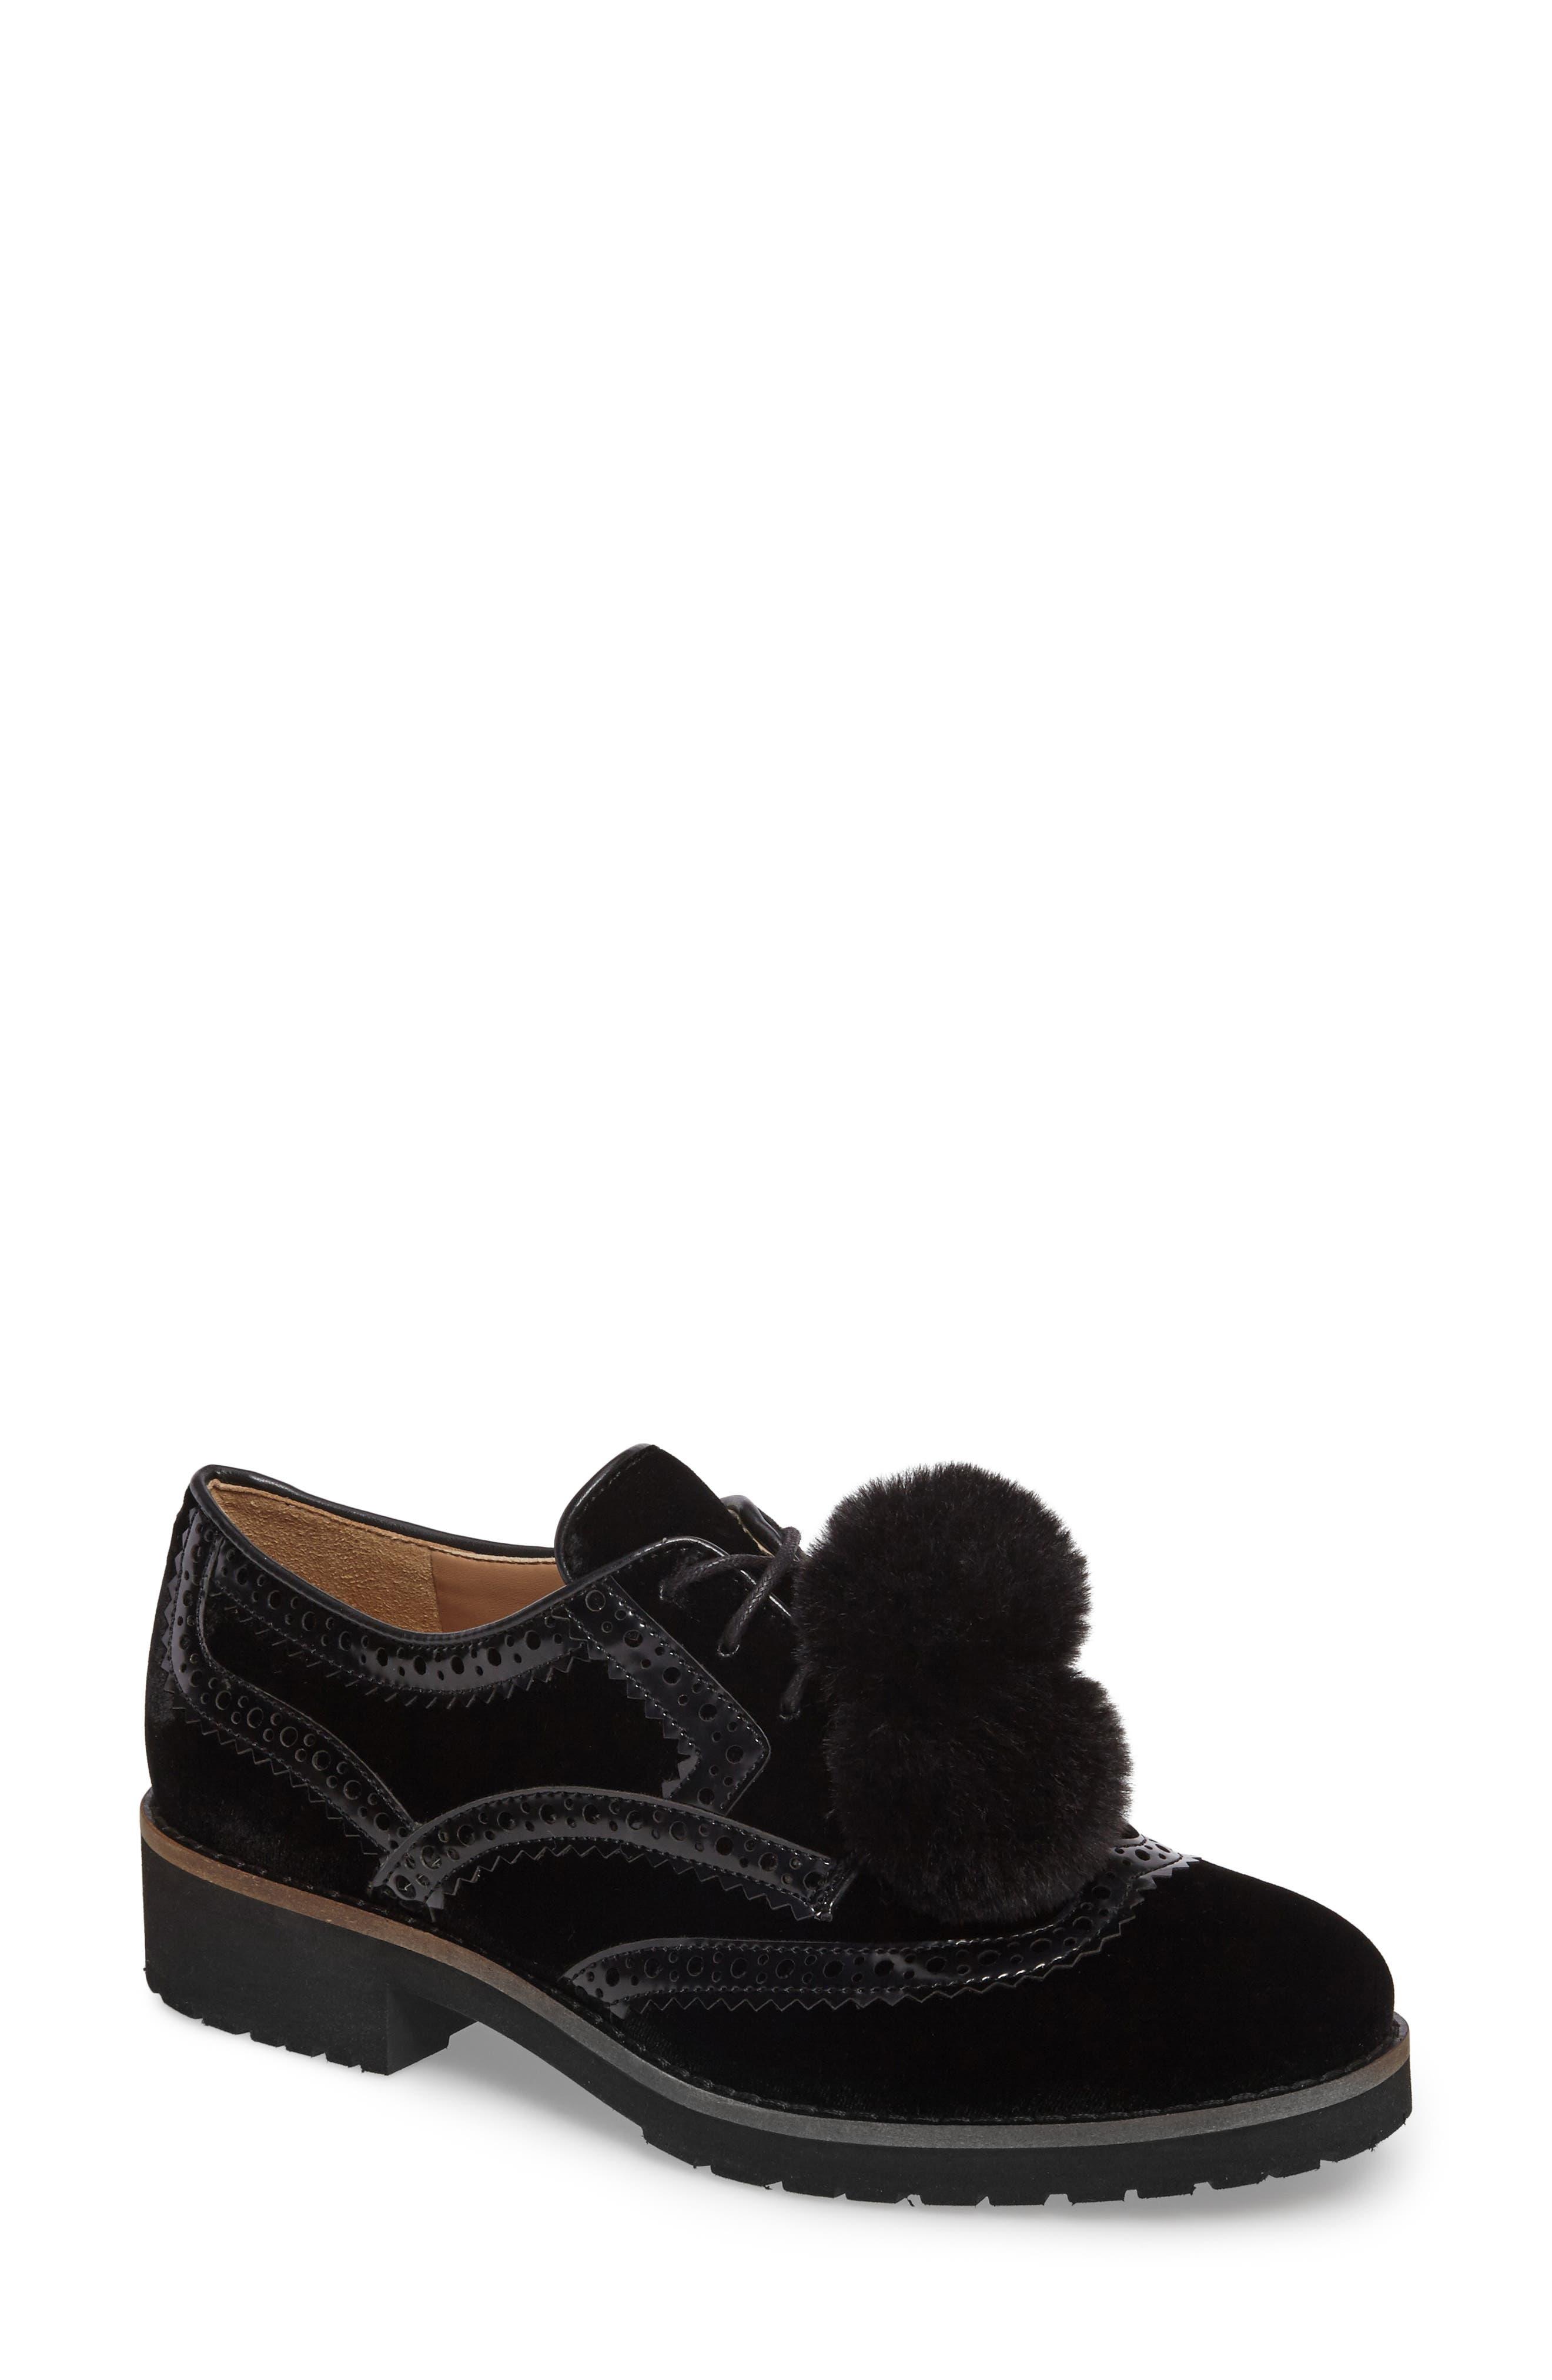 Dahl Oxford with Faux Fur Pompom,                         Main,                         color, 001